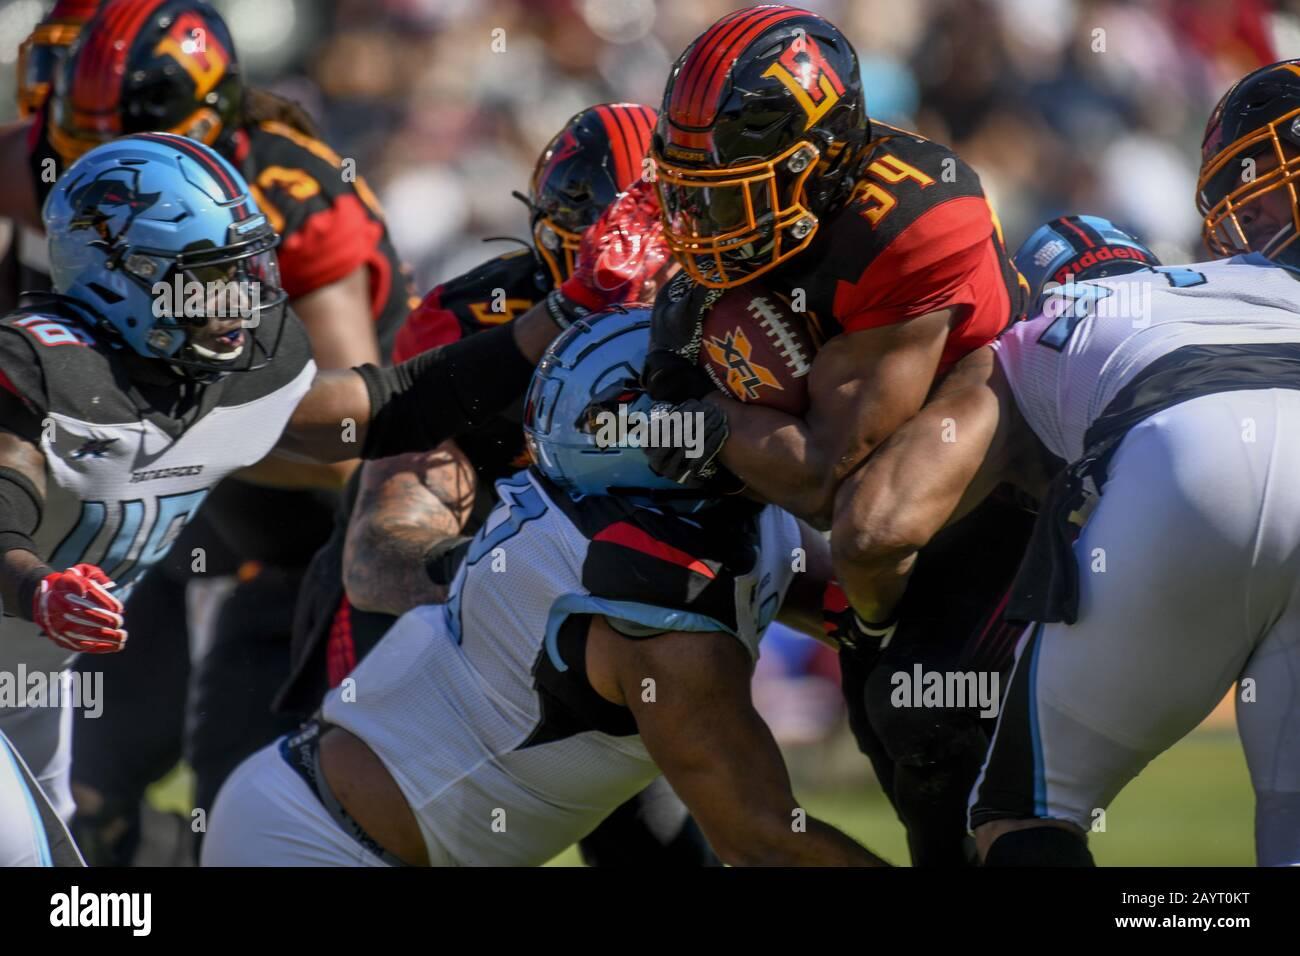 Carson, California, EE.UU. 16 de febrero de 2020. 34 Elijah Hood empujando a través de la defensa durante el XFL Dallas Renegades vs. Los Angeles Wildcats juego el 16 de febrero de 2020. Crédito: Dalton Hamm/Zuma Wire/Alamy Live News Foto de stock